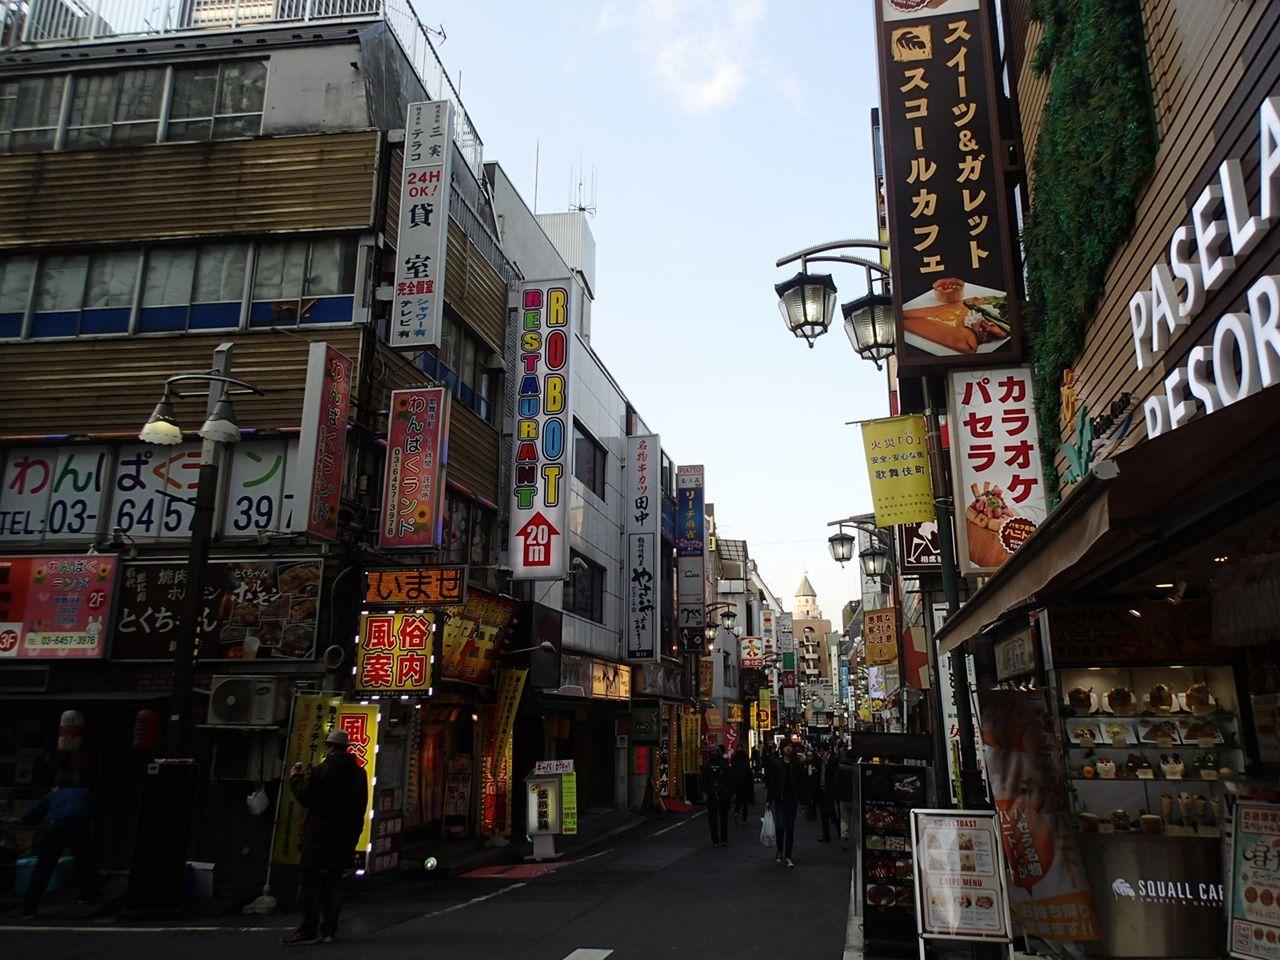 歌舞伎町ウォーキングが楽しい